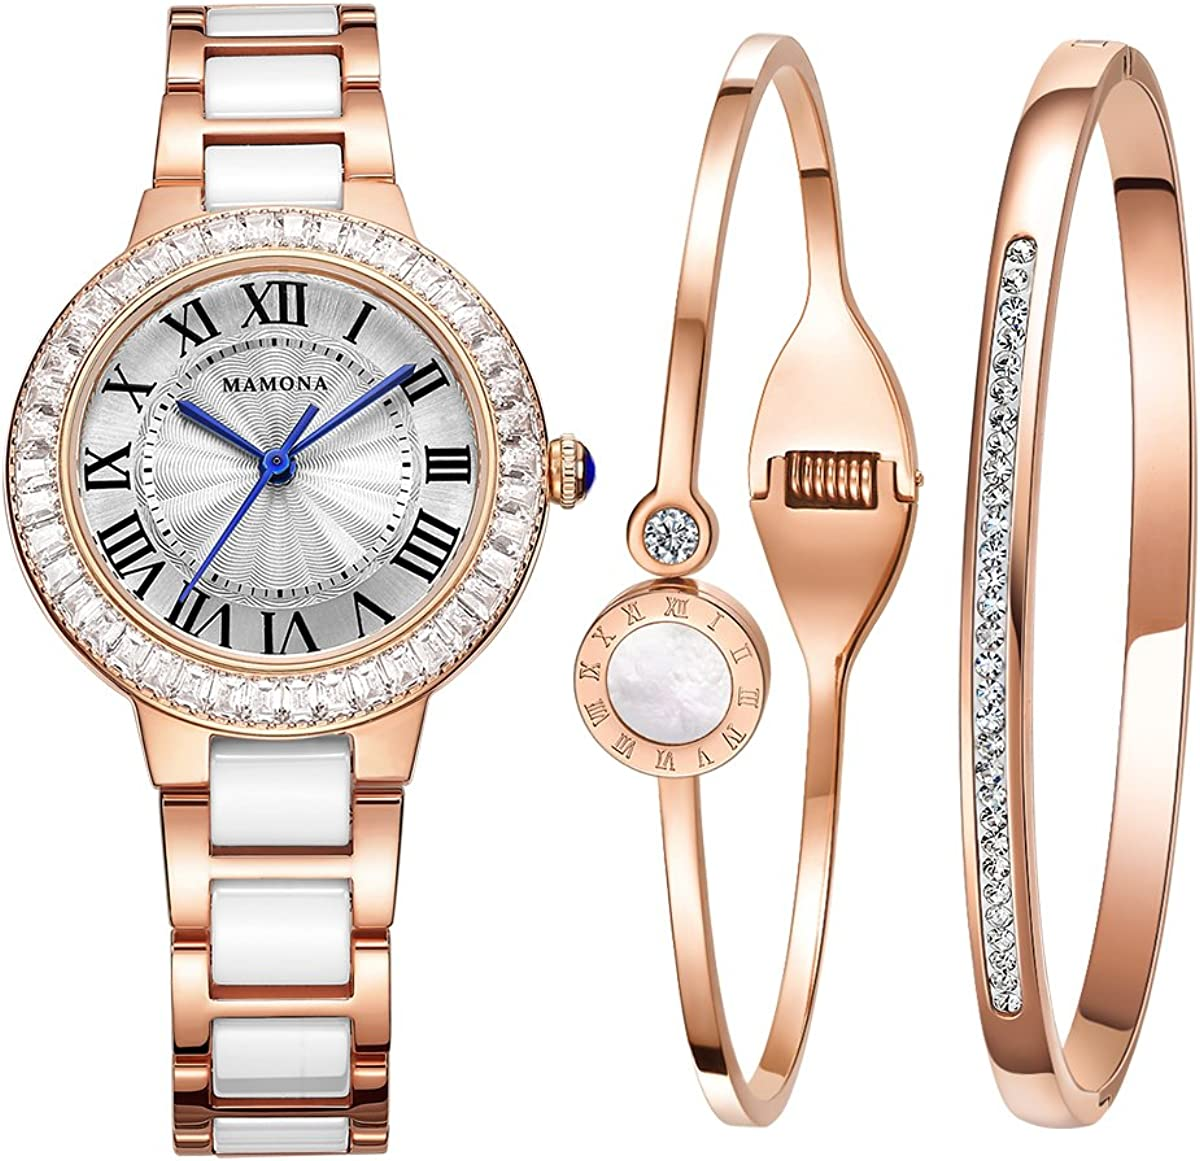 Set-MAMONA Reloj De Pulsera Quartz Para Mujeres, Set Cerámica Rosa Dorada Y Reloj De Acero Inoxidable 68008LRGT: Amazon.es: Relojes